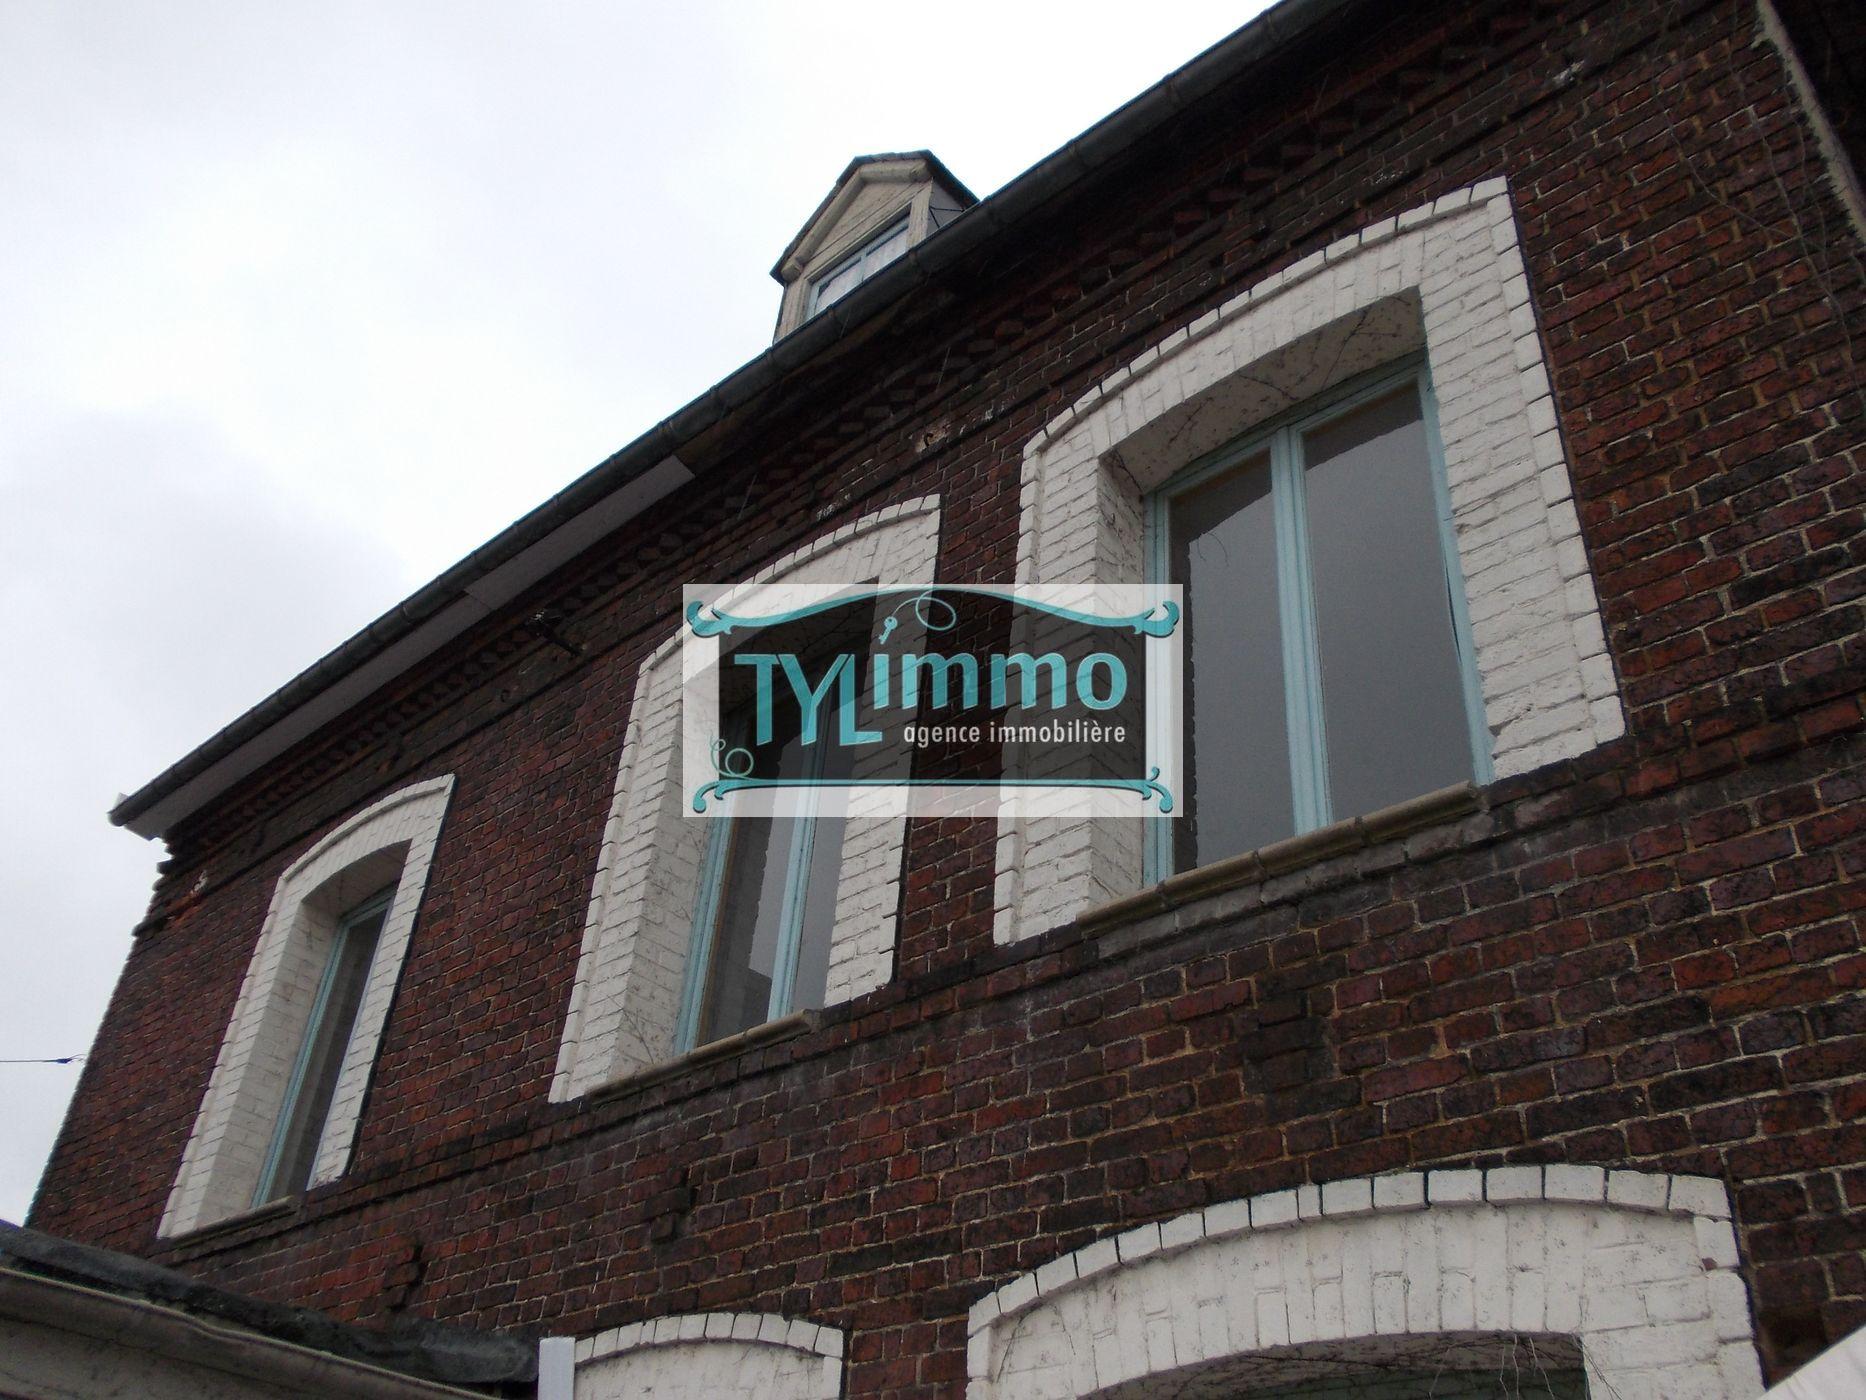 A vendre maison à rénover PETIT QUEVILLY